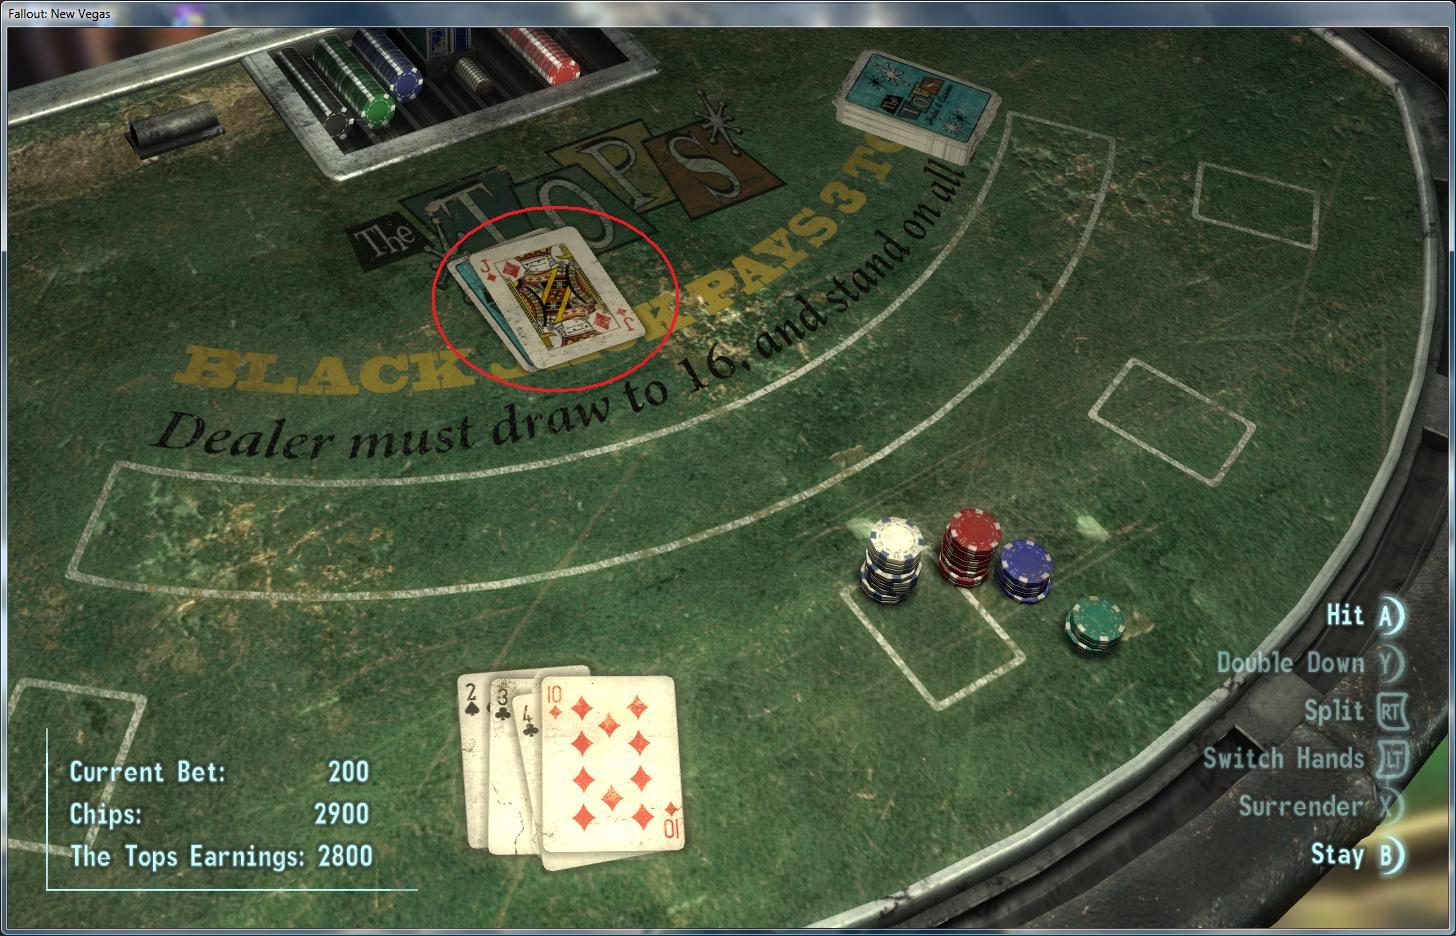 казино в нью вегас